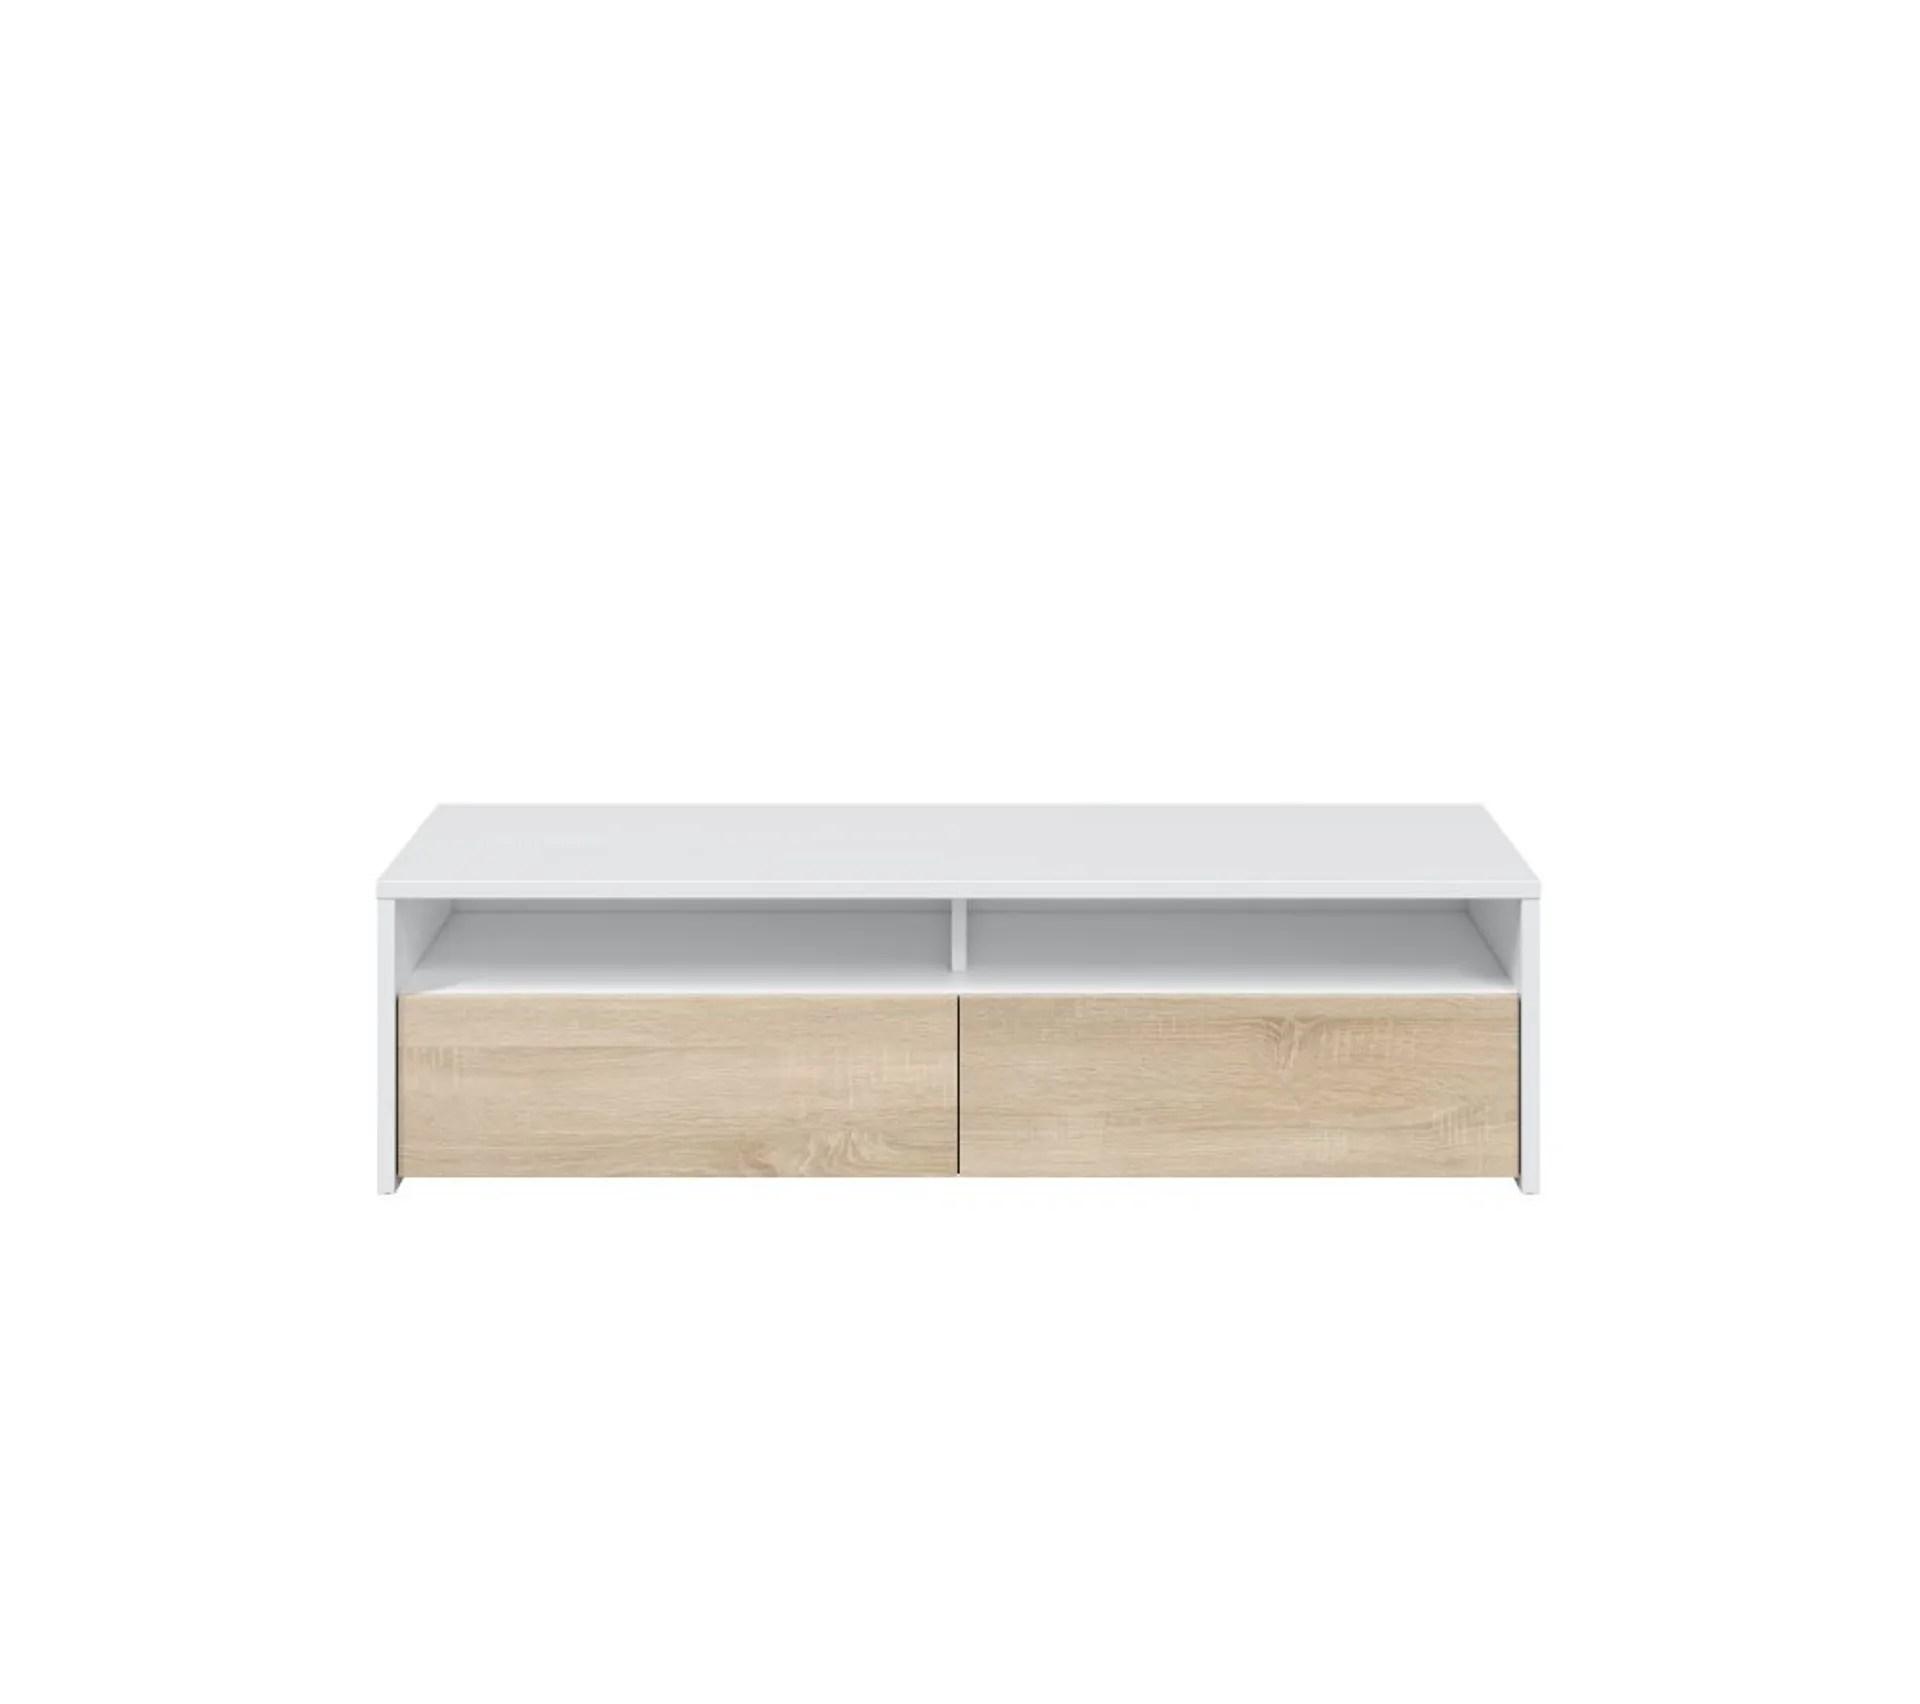 meuble tv scandinave kiot blanc et bois l 130 cm